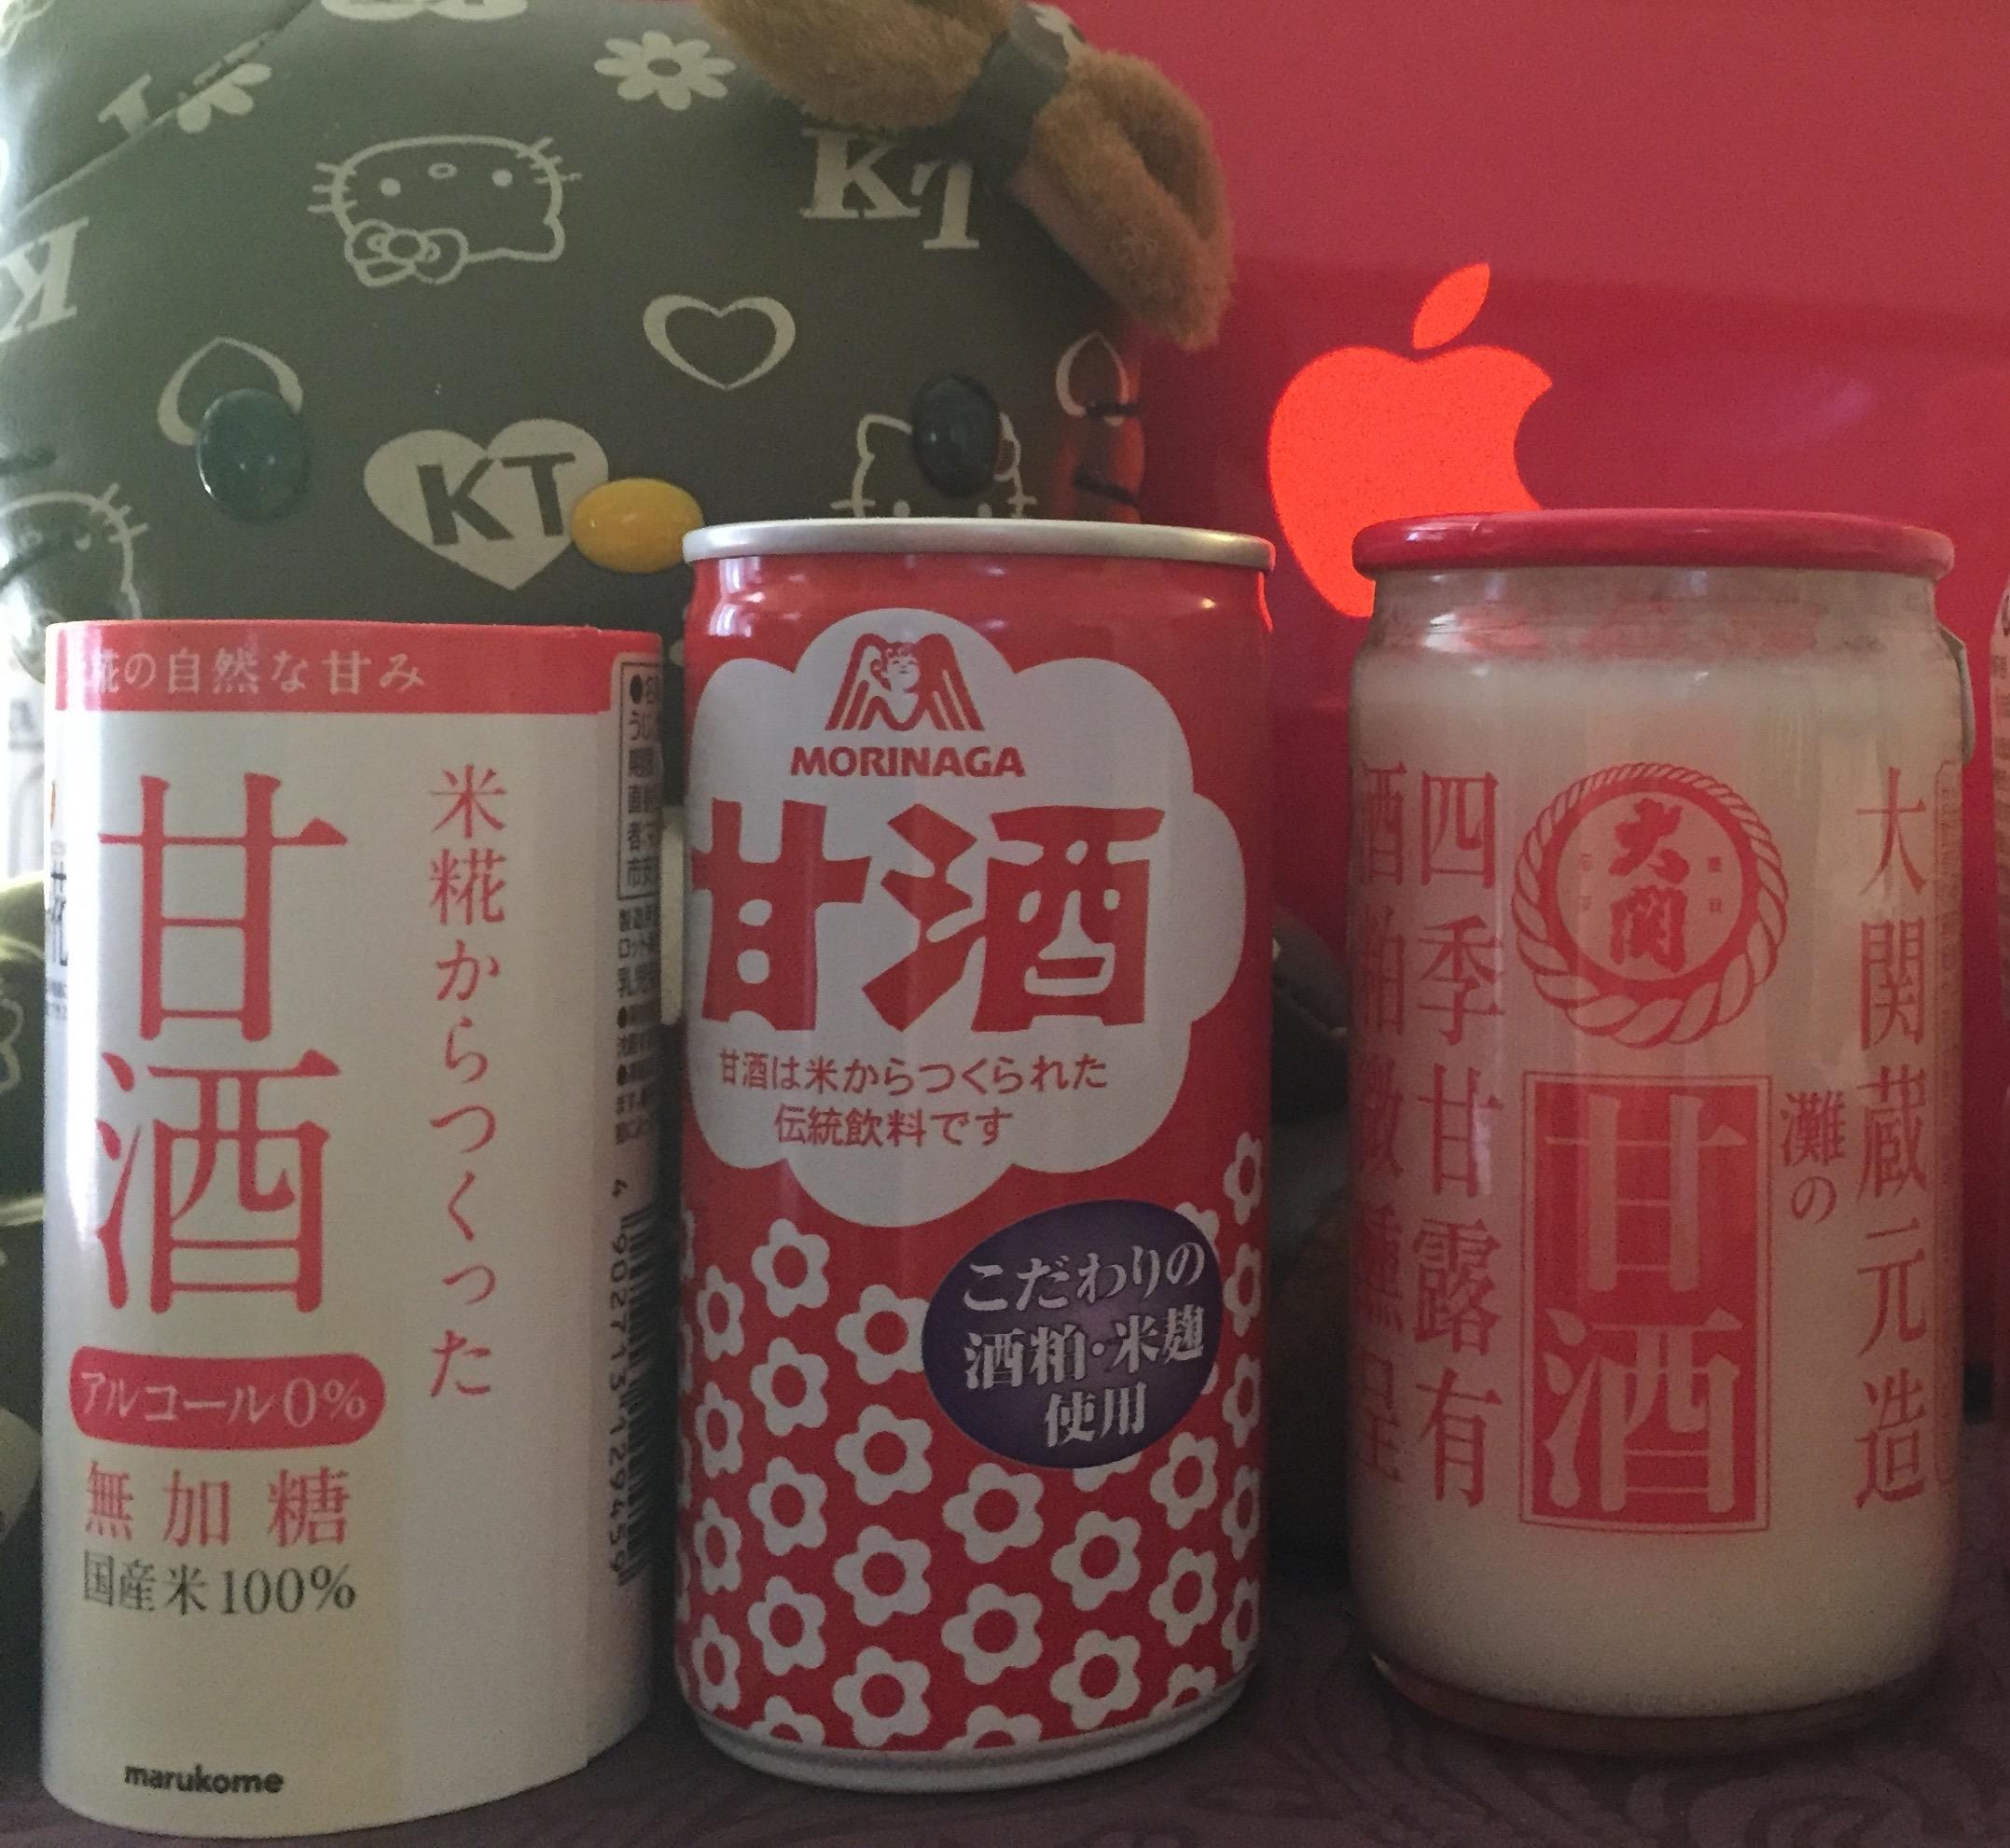 あさイチで紹介 甘酒の効果は?美肌・ダイエットに注目の甘酒3種類飲み比べ